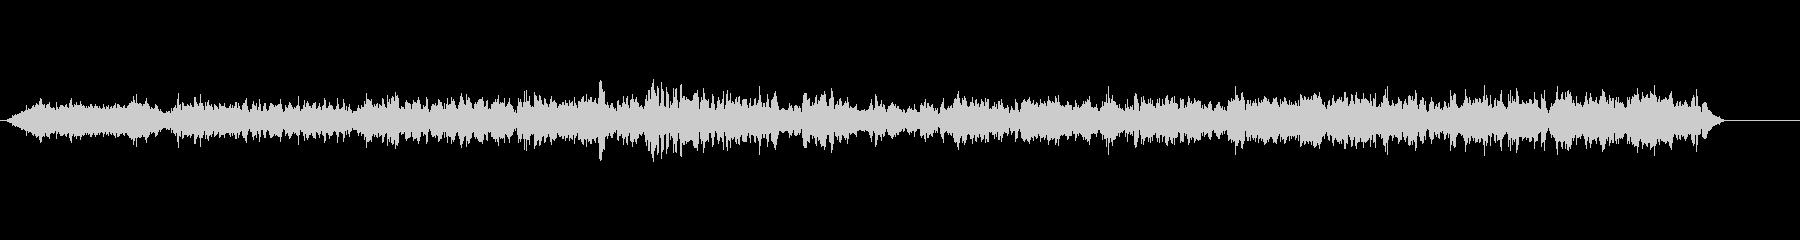 ラジオスキャン-ビジー-アメリカ-...の未再生の波形